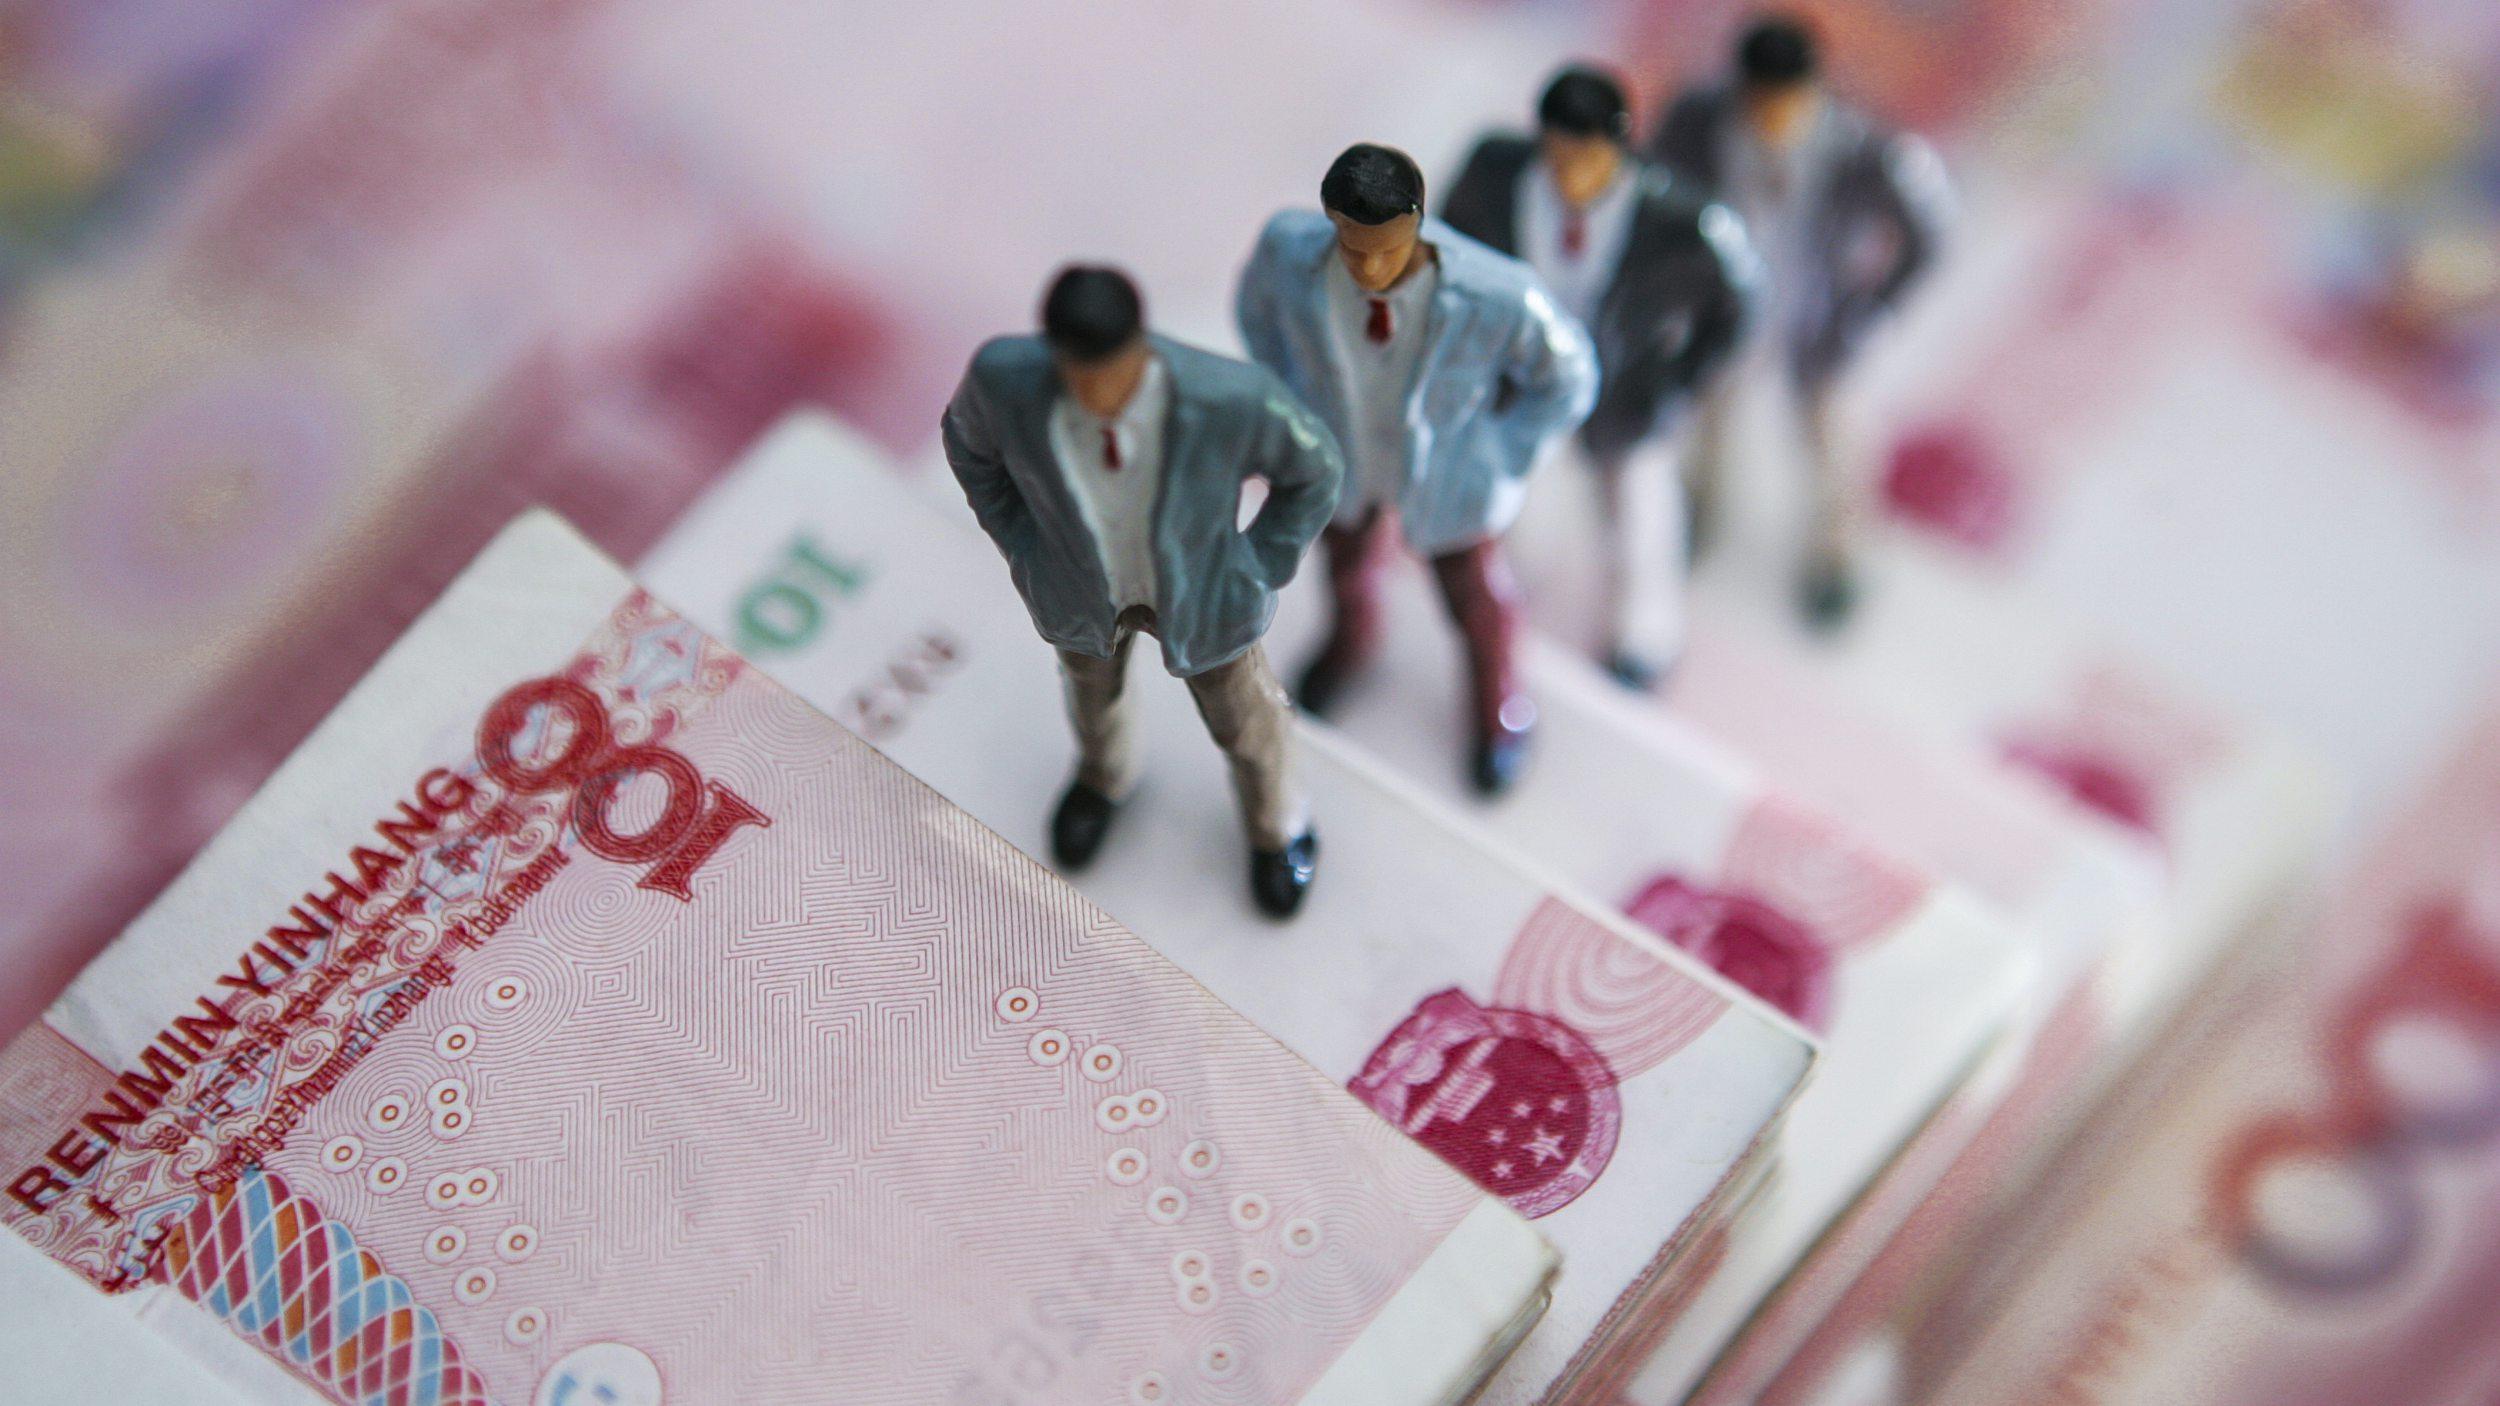 Beijing cuts companies' insurance costs worth 50 bln yuan